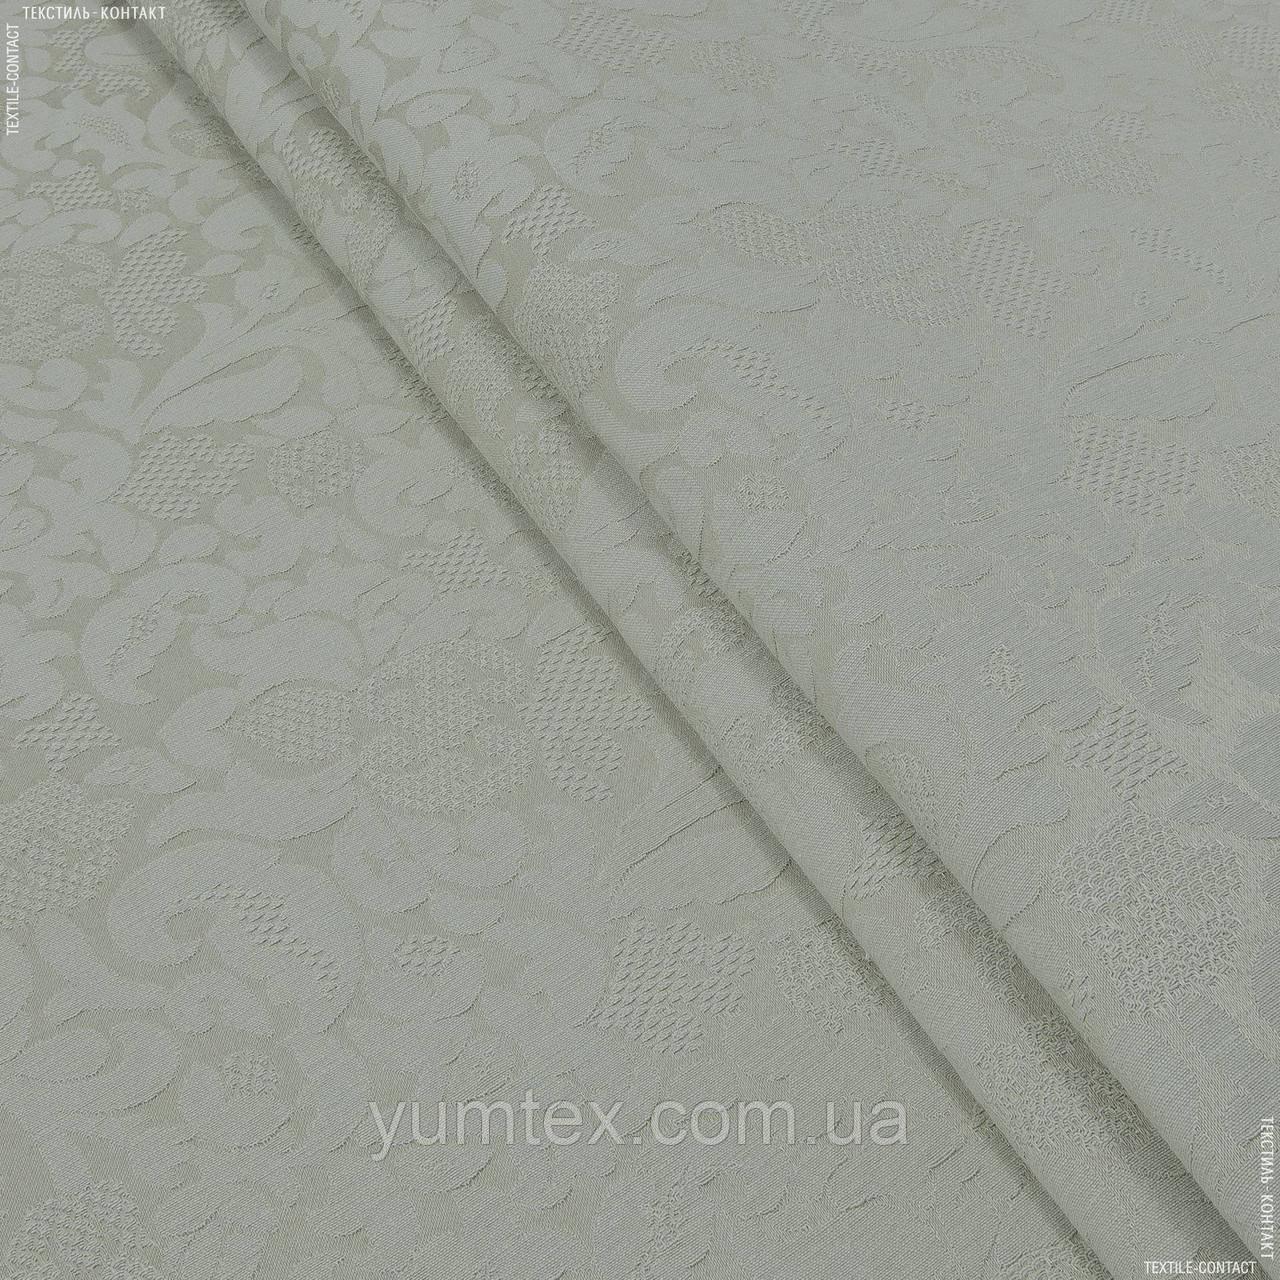 Декоративна тканина рапсодія / пісок 137646